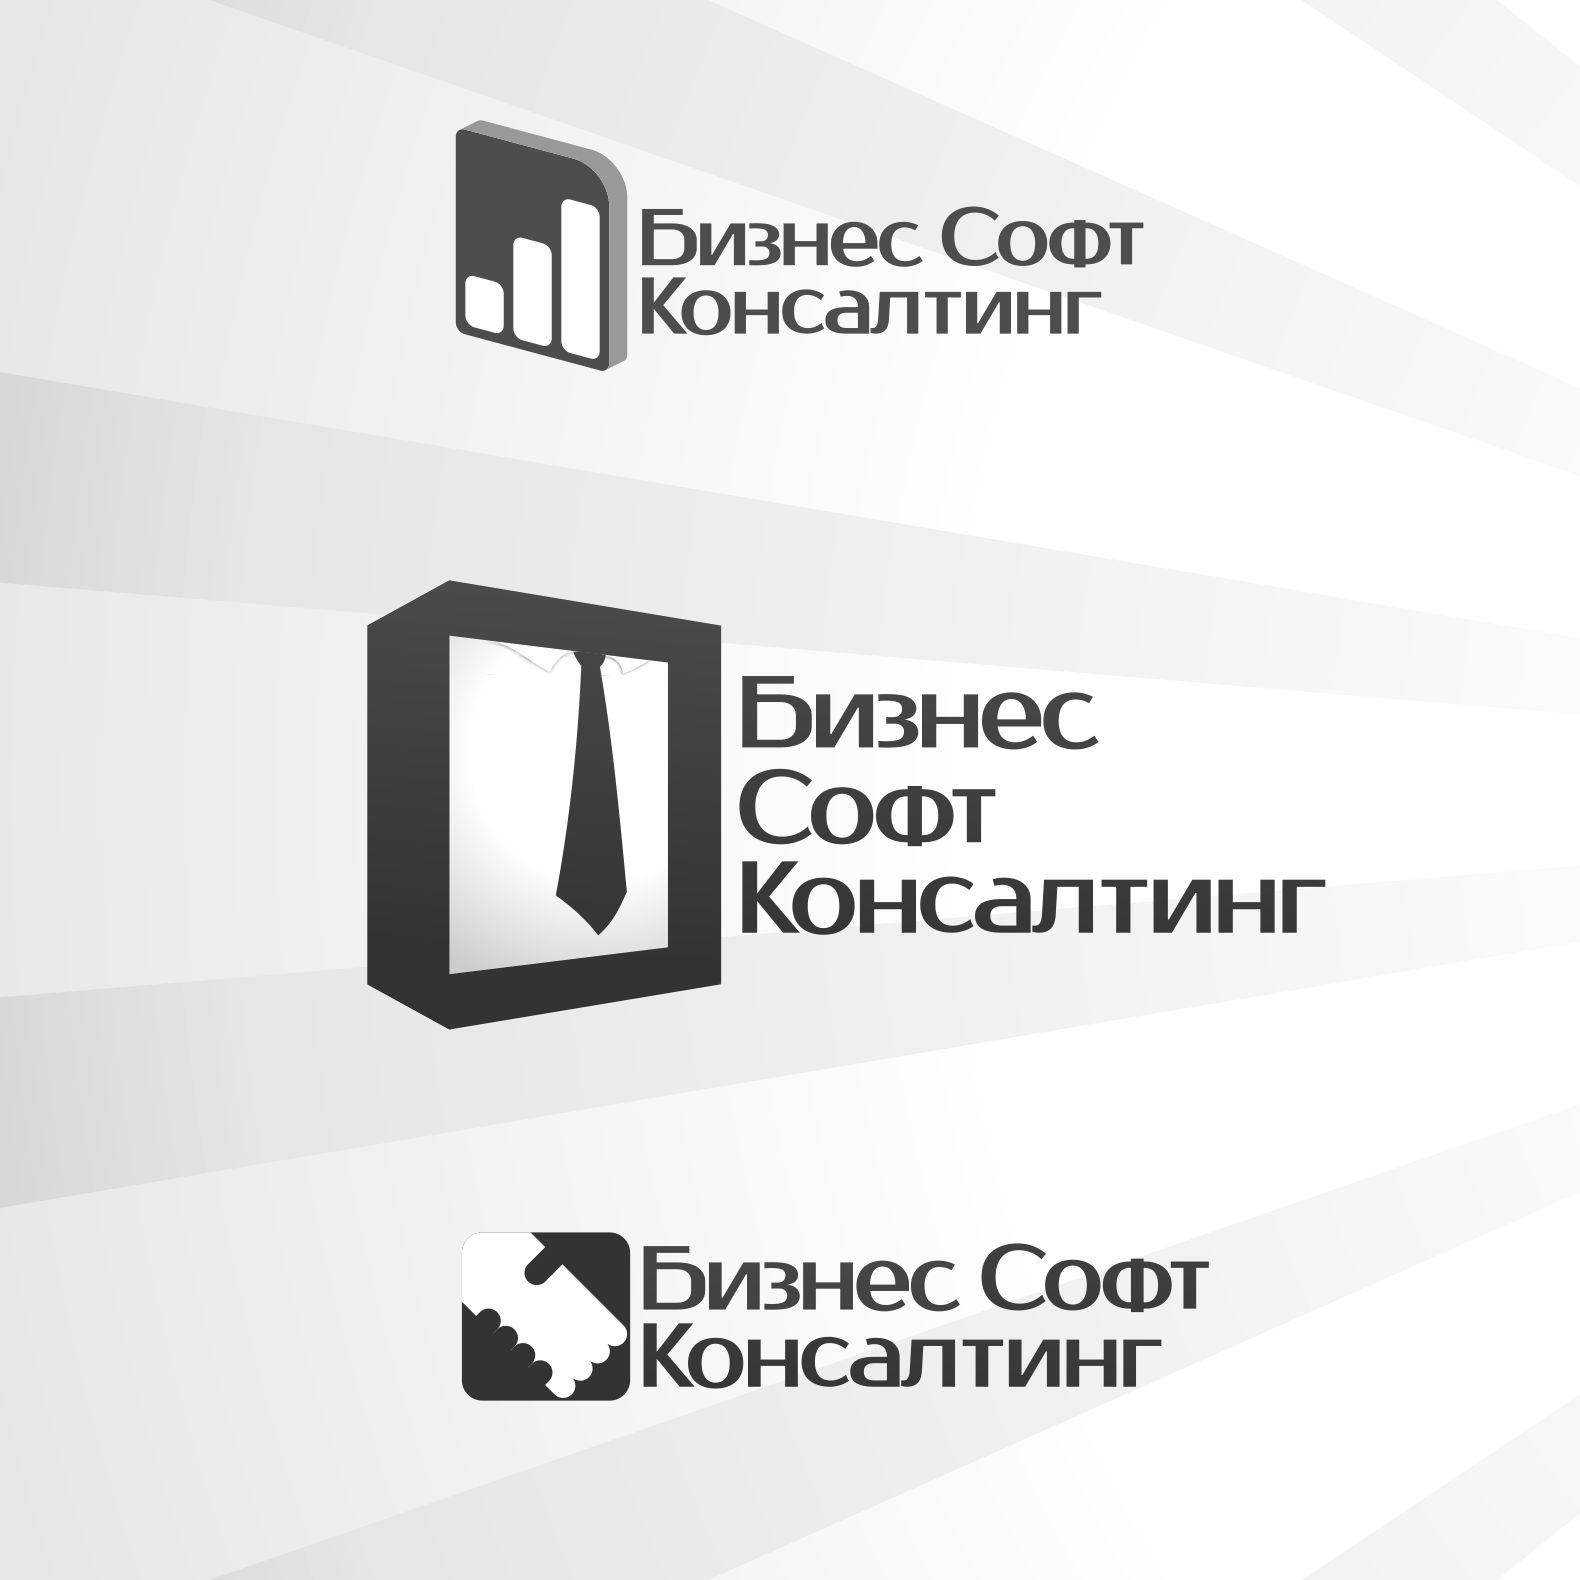 Разработать логотип со смыслом для компании-разработчика ПО фото f_5045bbff84608.jpg